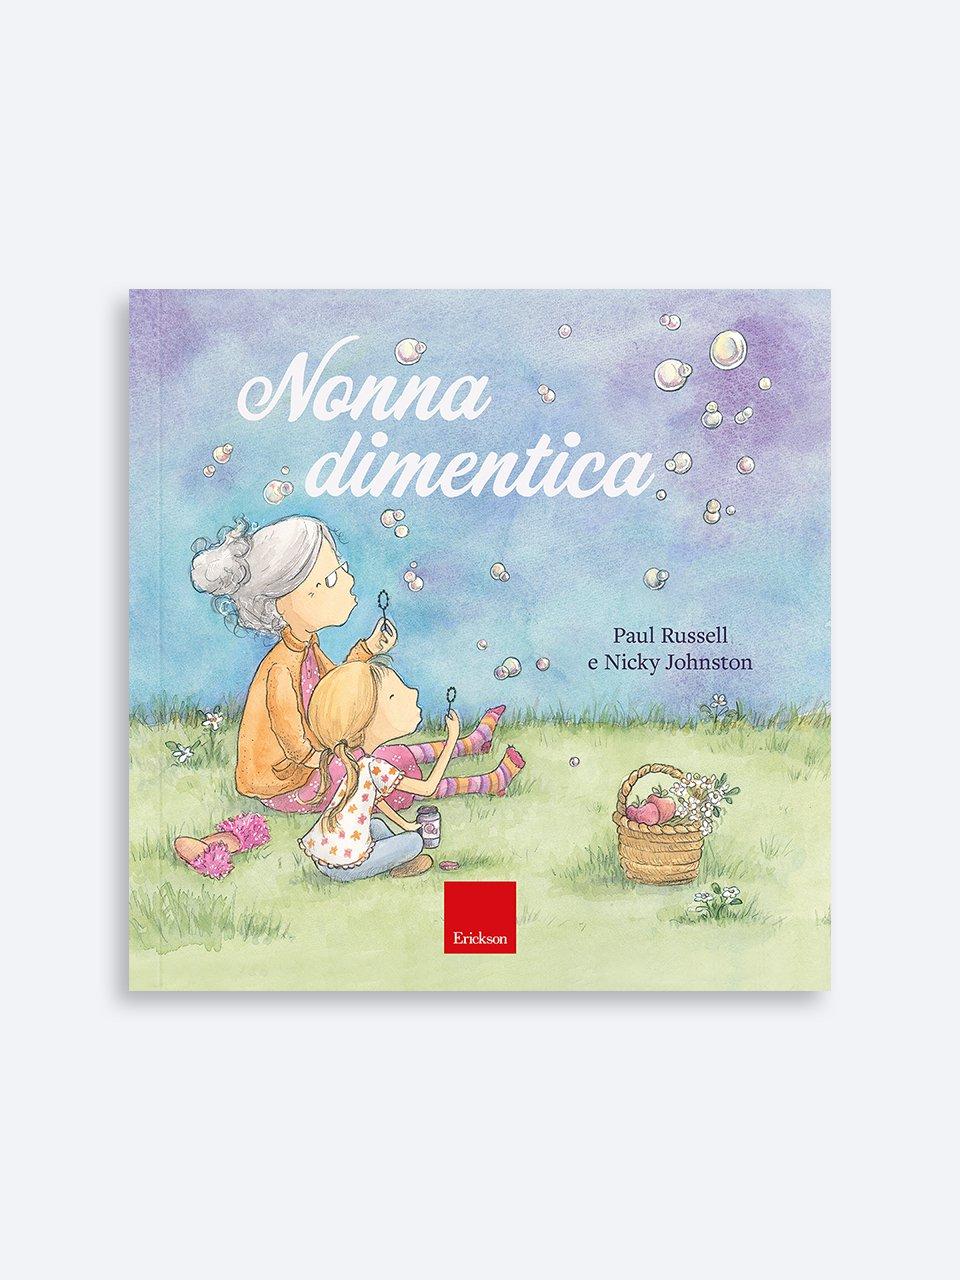 Nonna dimentica - Una badante in famiglia - Libri - Erickson